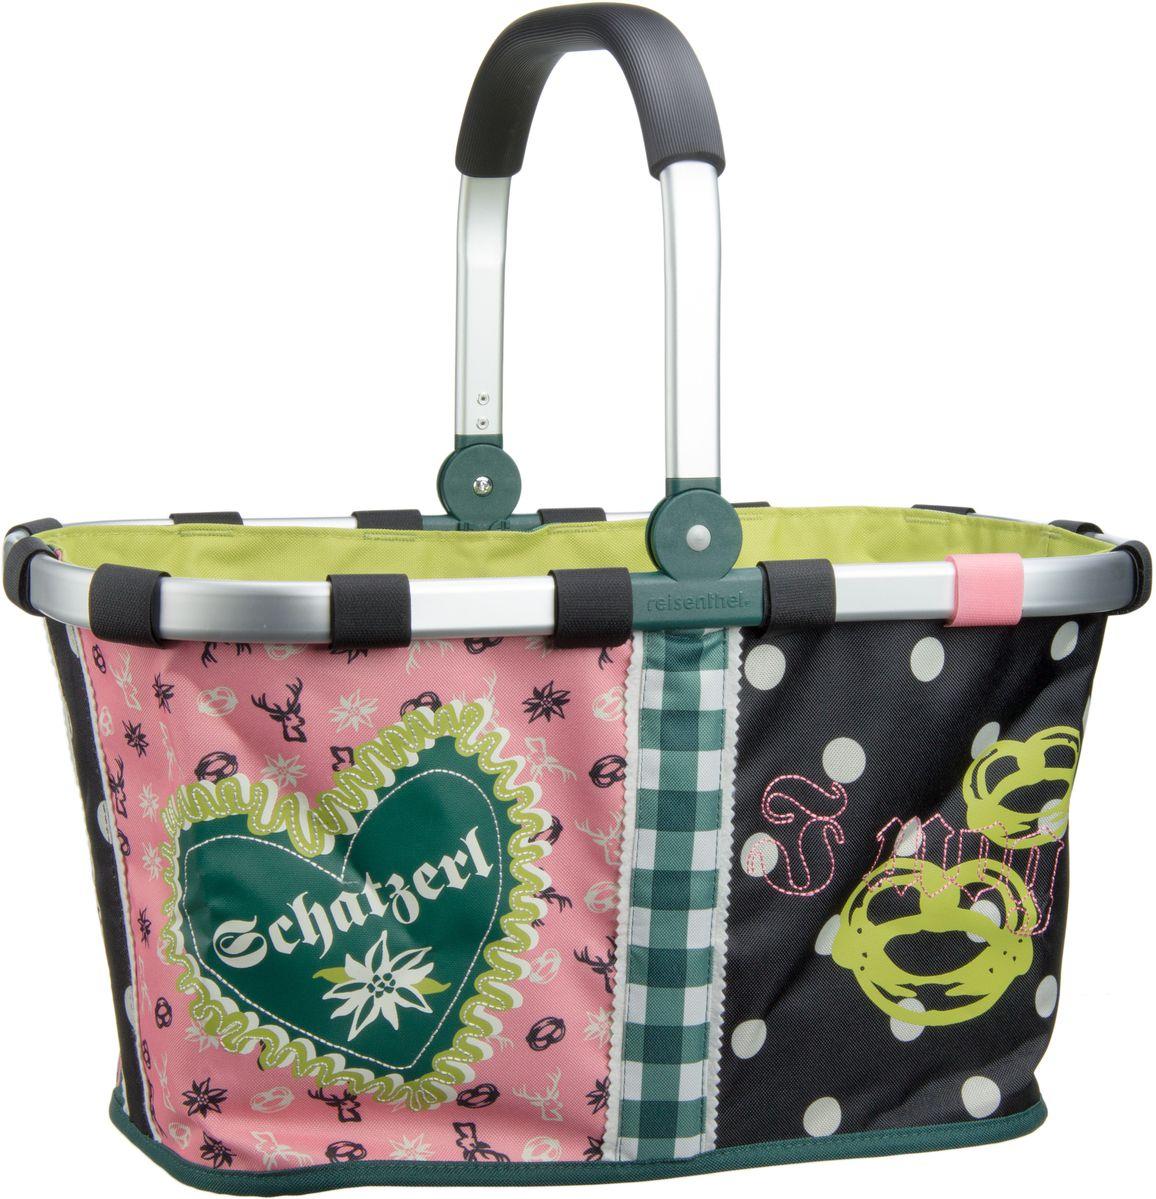 reisenthel carrybag special edition Bavaria 3 - Einkaufstasche